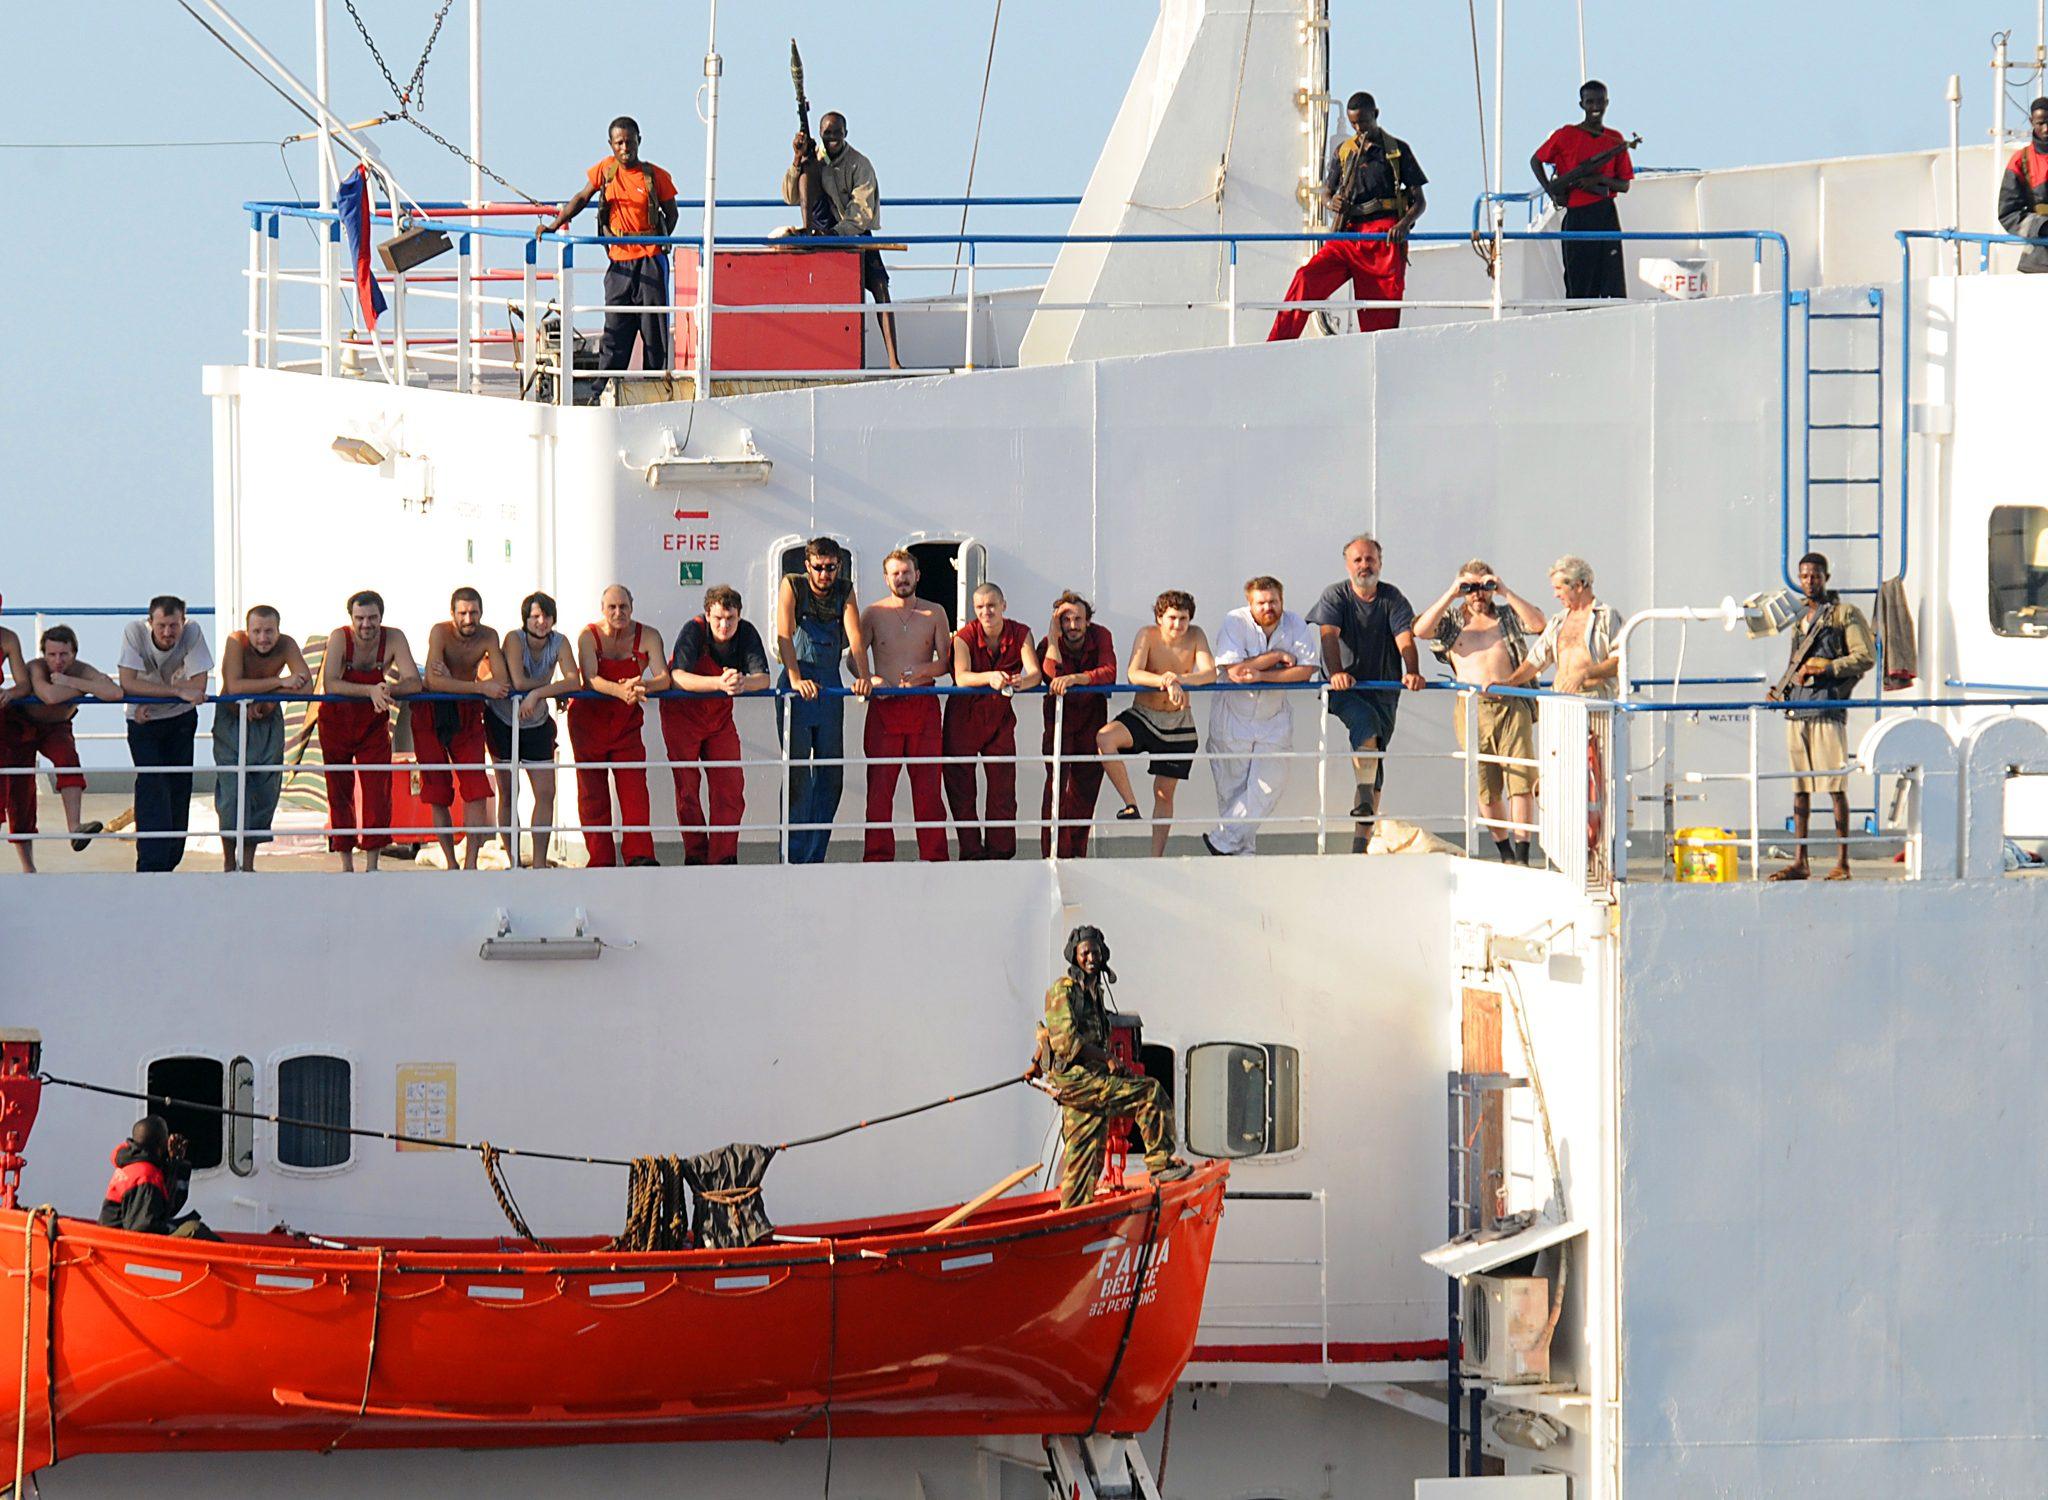 Somalische piraten hebben in 2008 de Faina gekaapt (Foto Wikipedia)